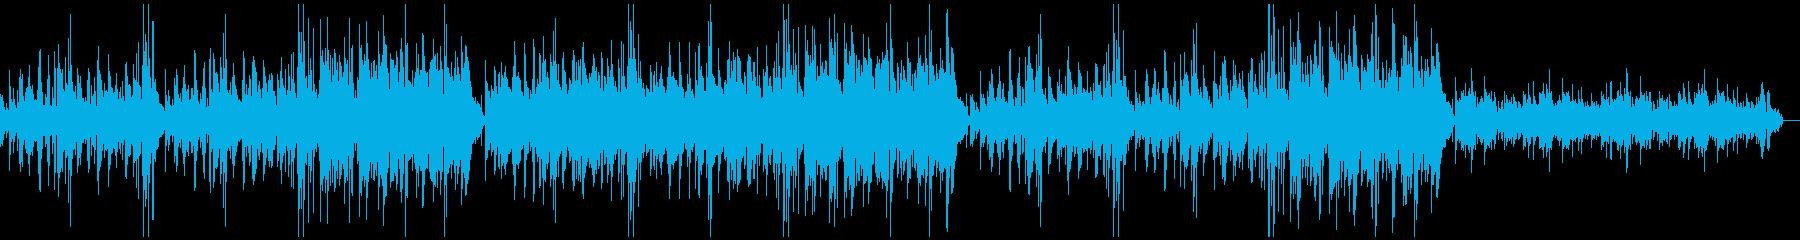 アコギとハープの優しいアルペジオBGMの再生済みの波形